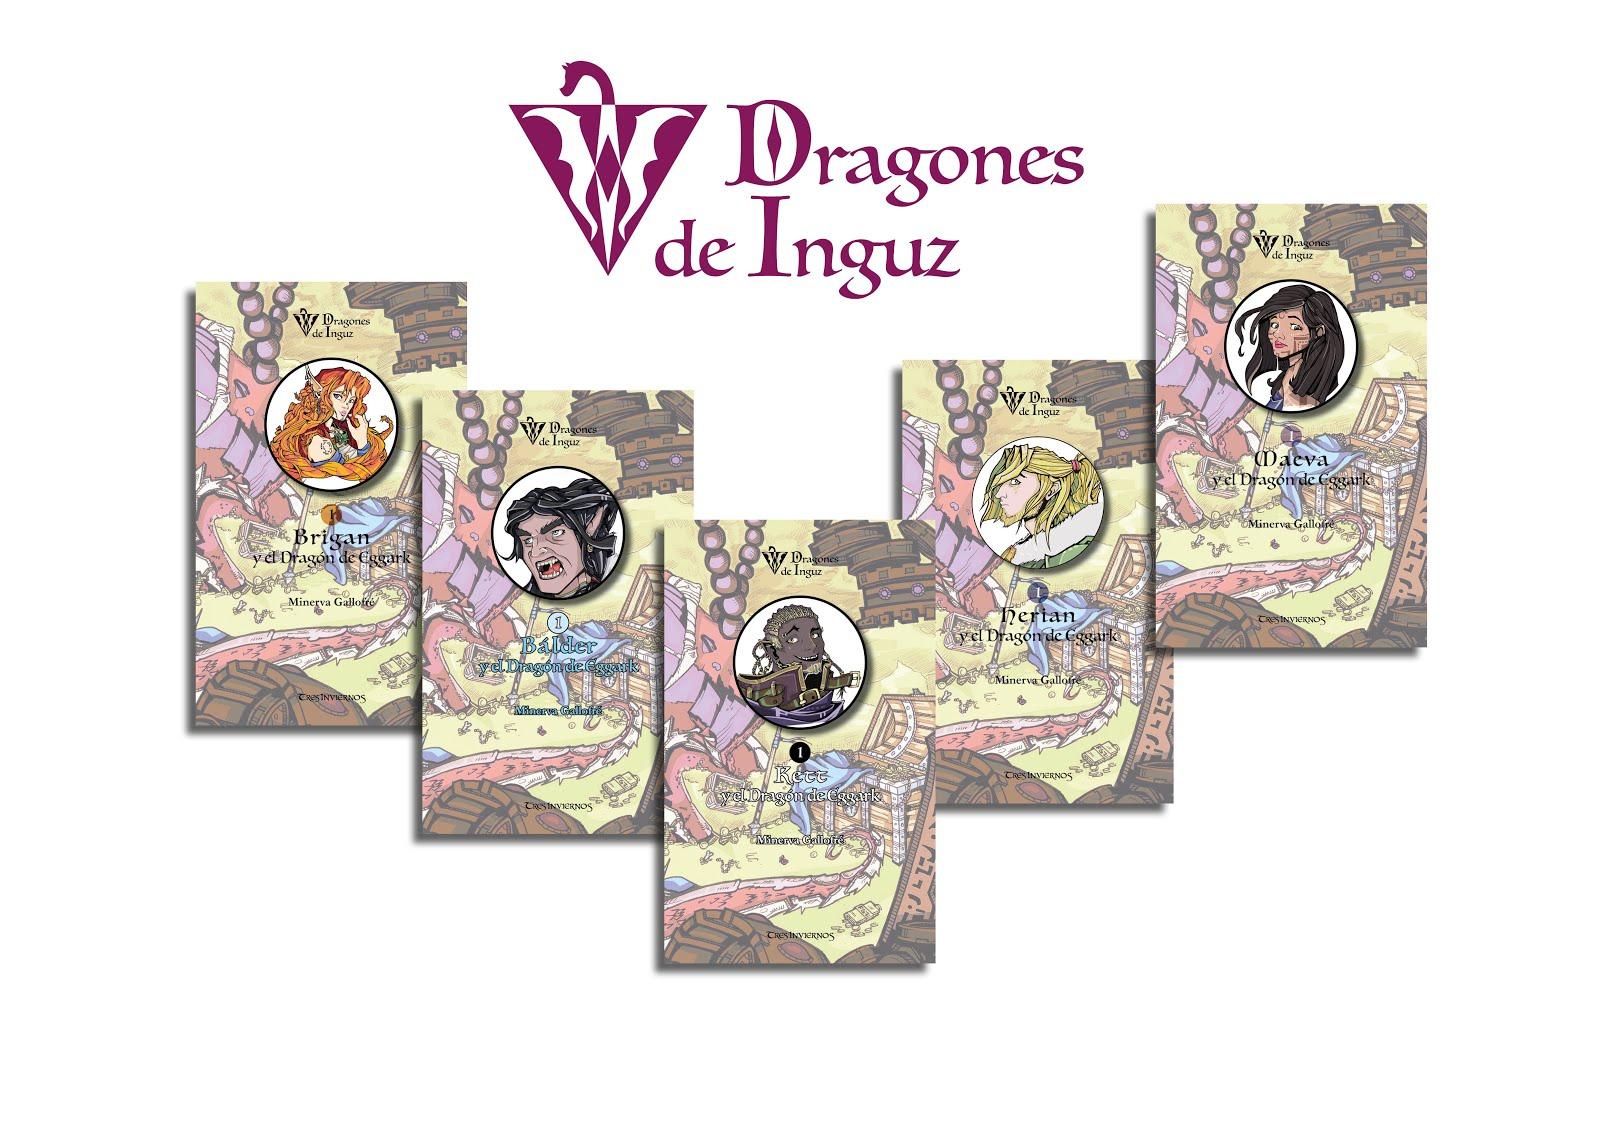 Dragones de Inguz